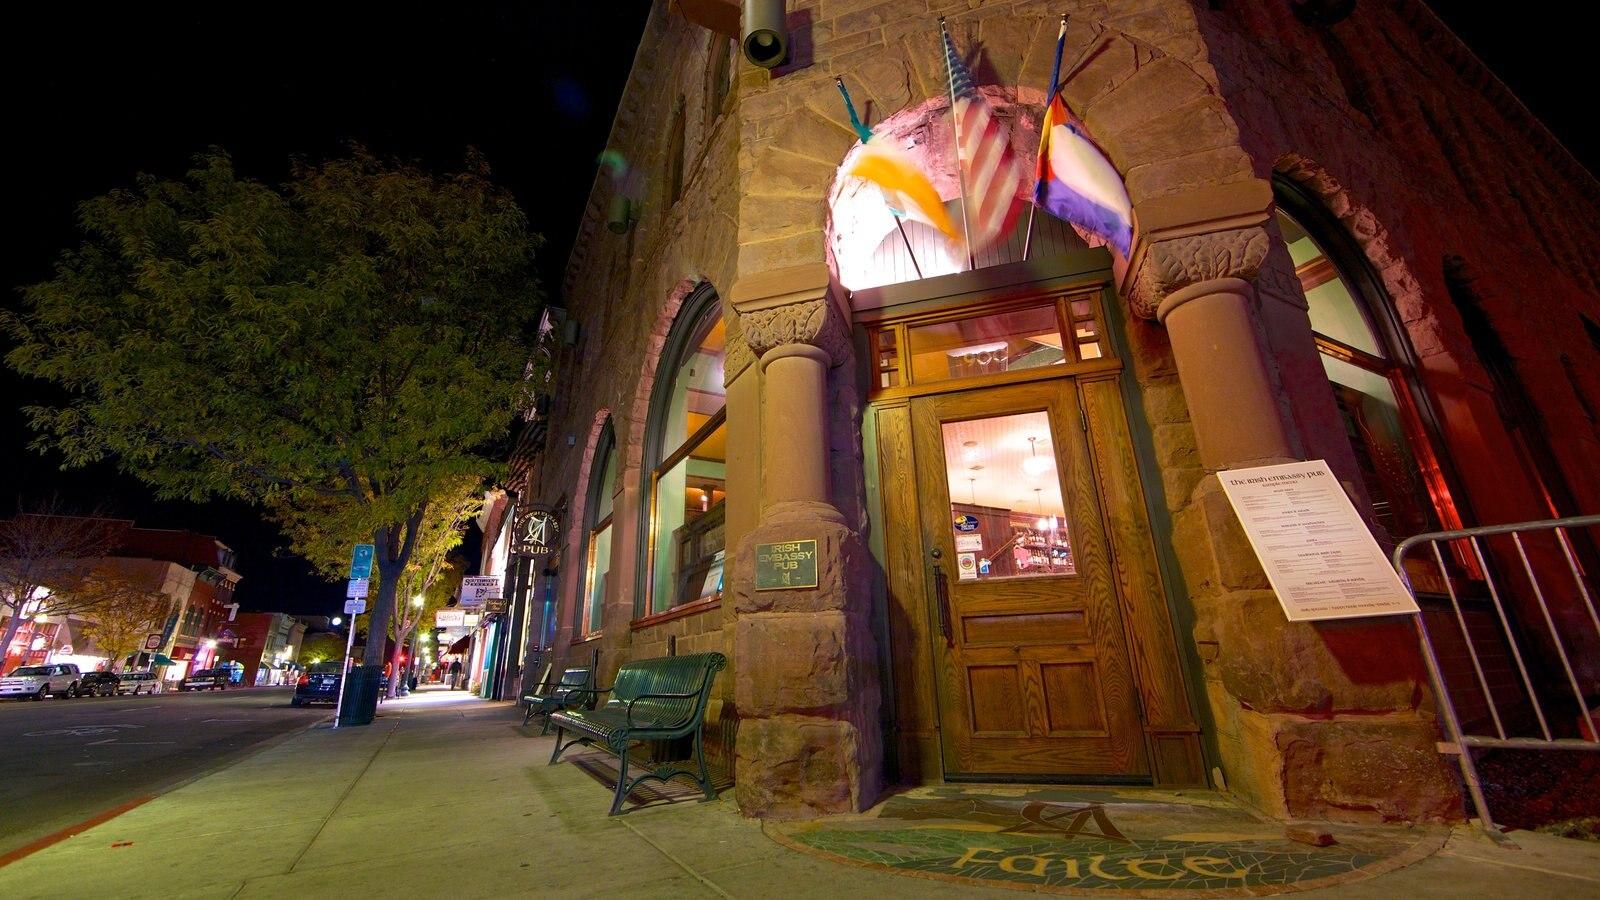 Purgatory - Durango que inclui arquitetura de patrimônio e cenas noturnas